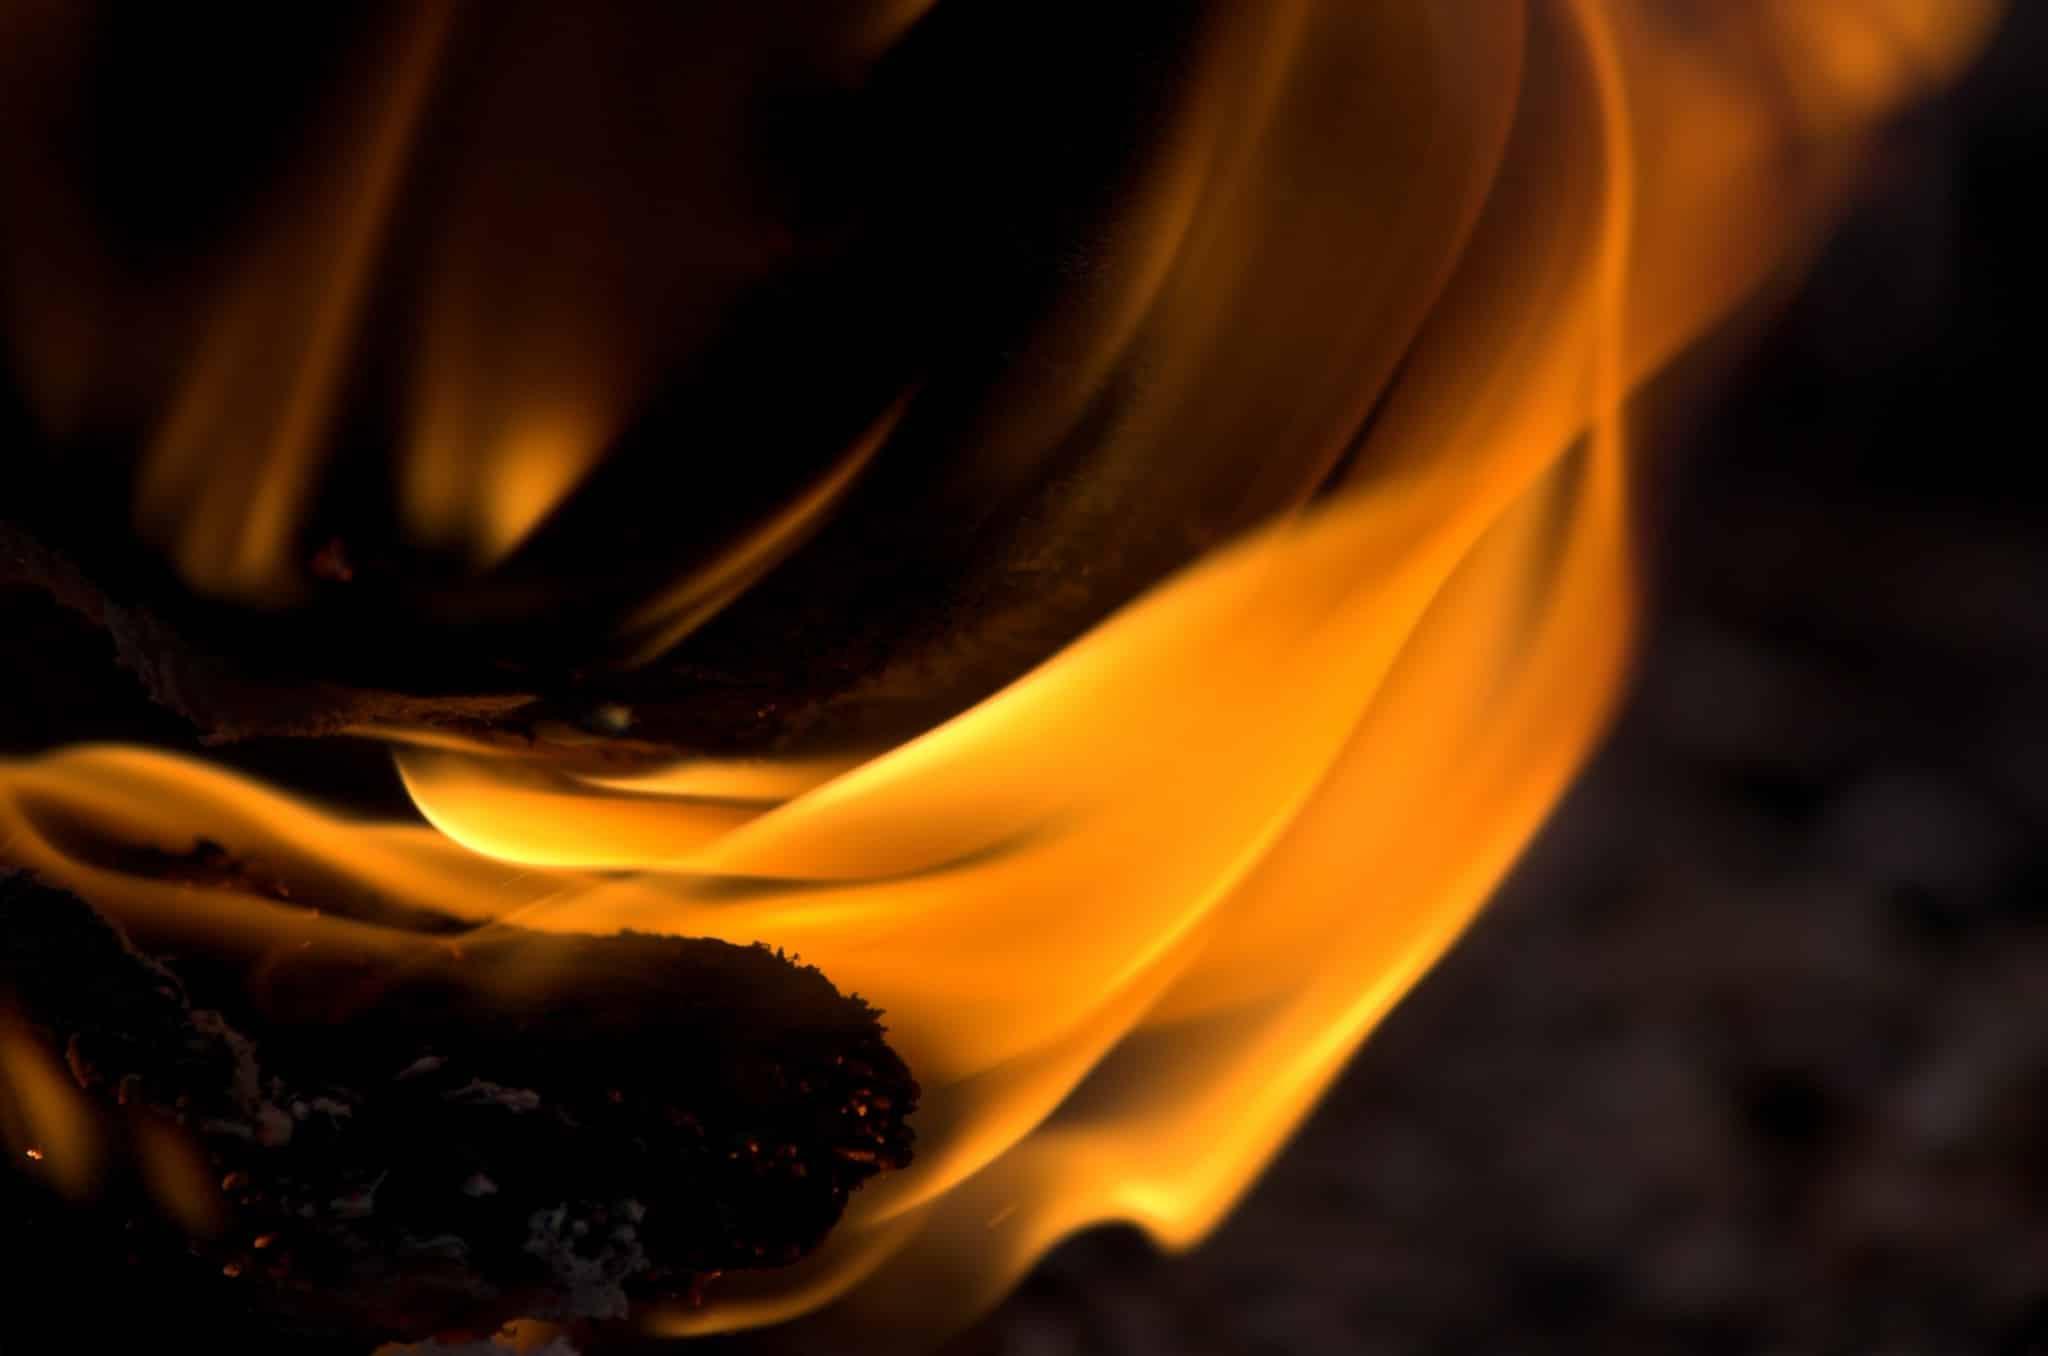 Åklagaren misstänkte att varg eldats upp en en värmepanna. Men polisens analys av askan från pannan visar inga spår av någon kremerad varg. Foto: Mostphotos